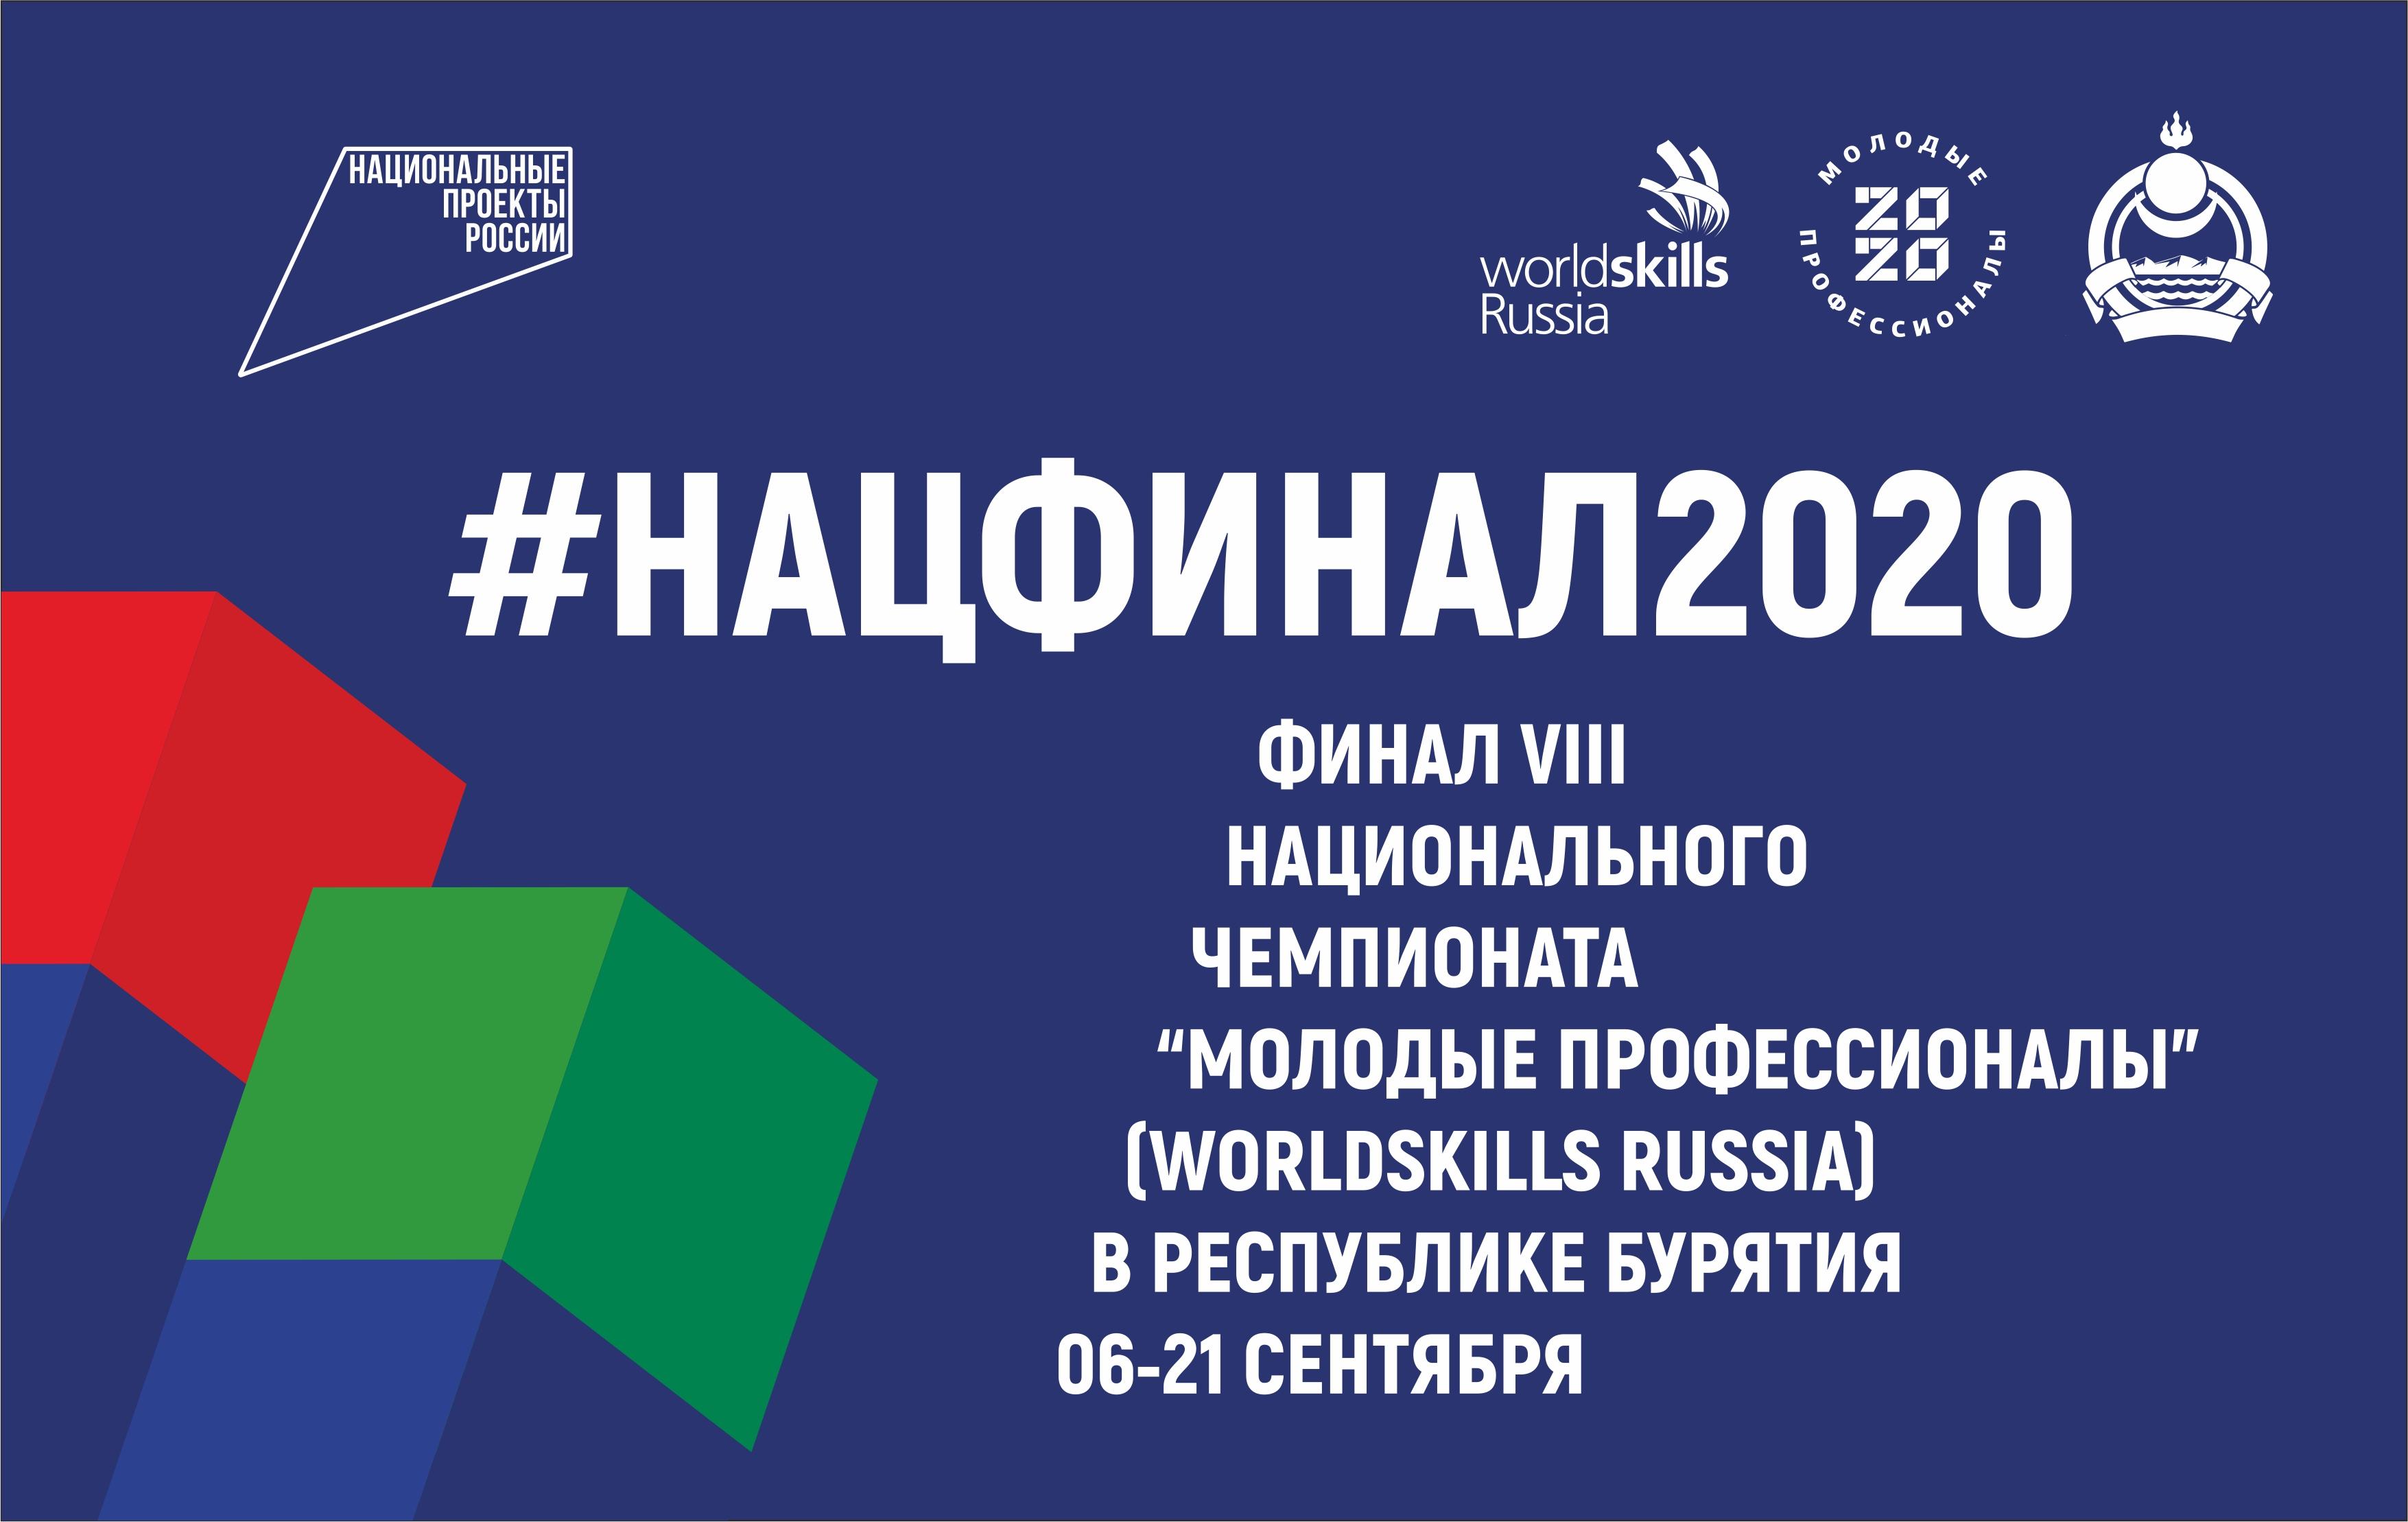 Финал VIII Национального чемпионата «Молодые профессионалы» (WorldSkills Russia) состоится с 6 по 21 сентября 2020 года на площадках cпециализированных центров компетенций Республики Бурятии.